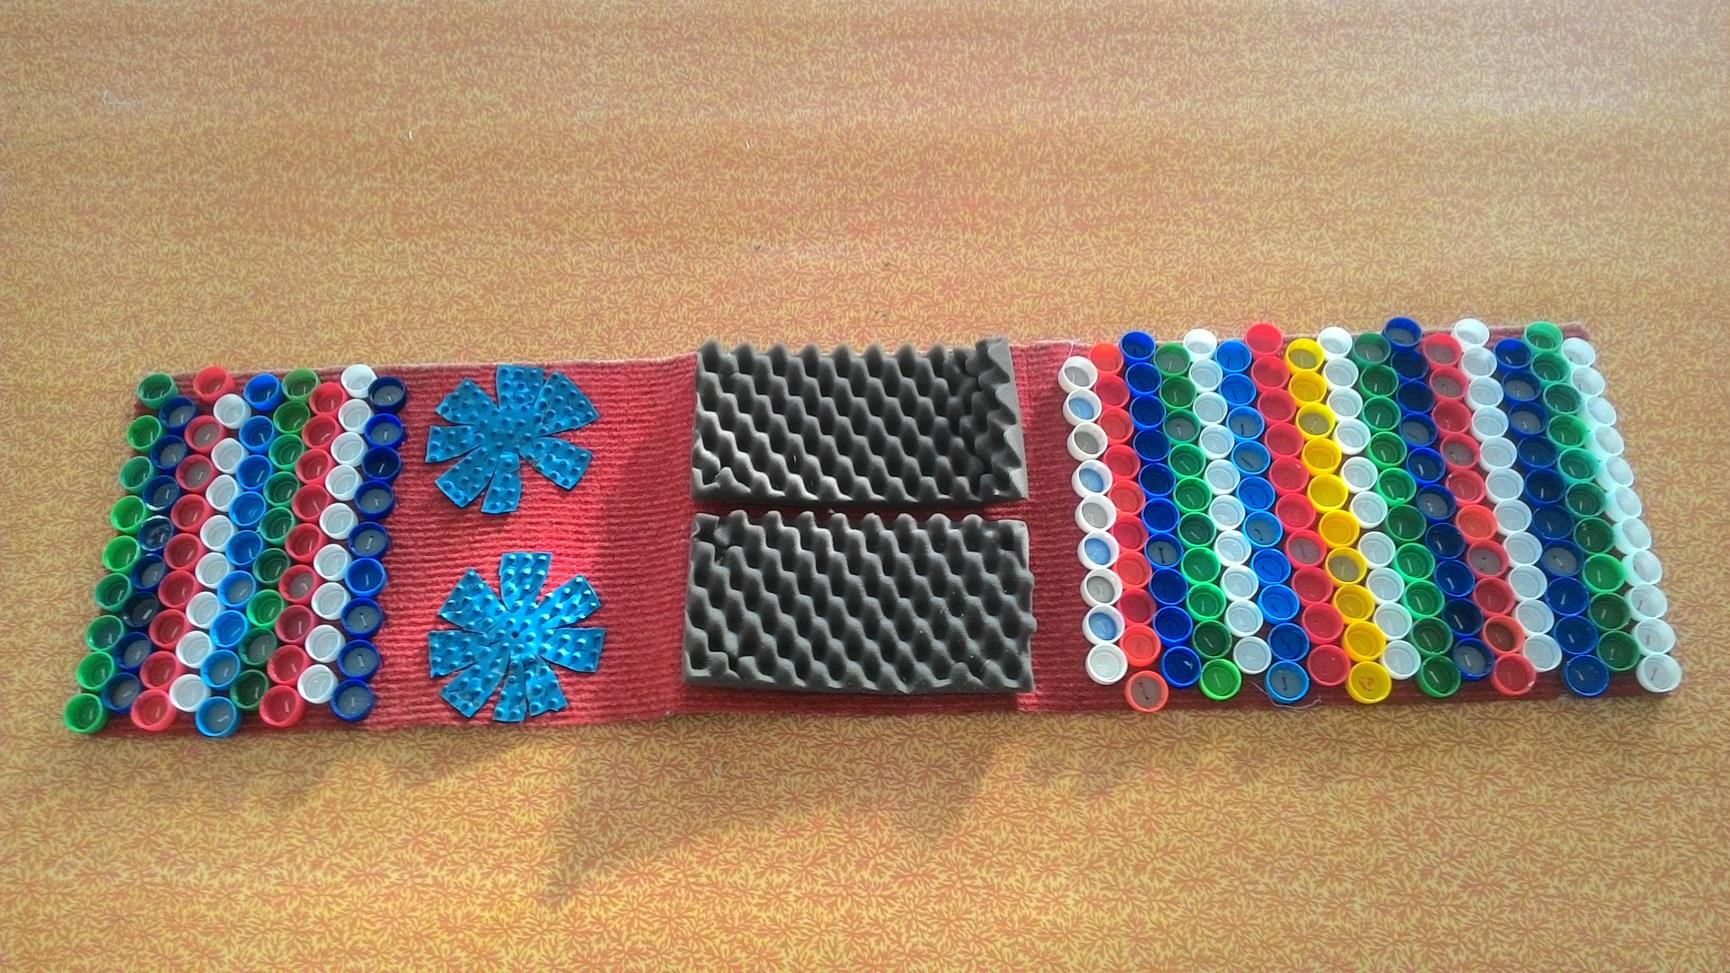 Сделать коврик своими руками для профилактики плоскостопия